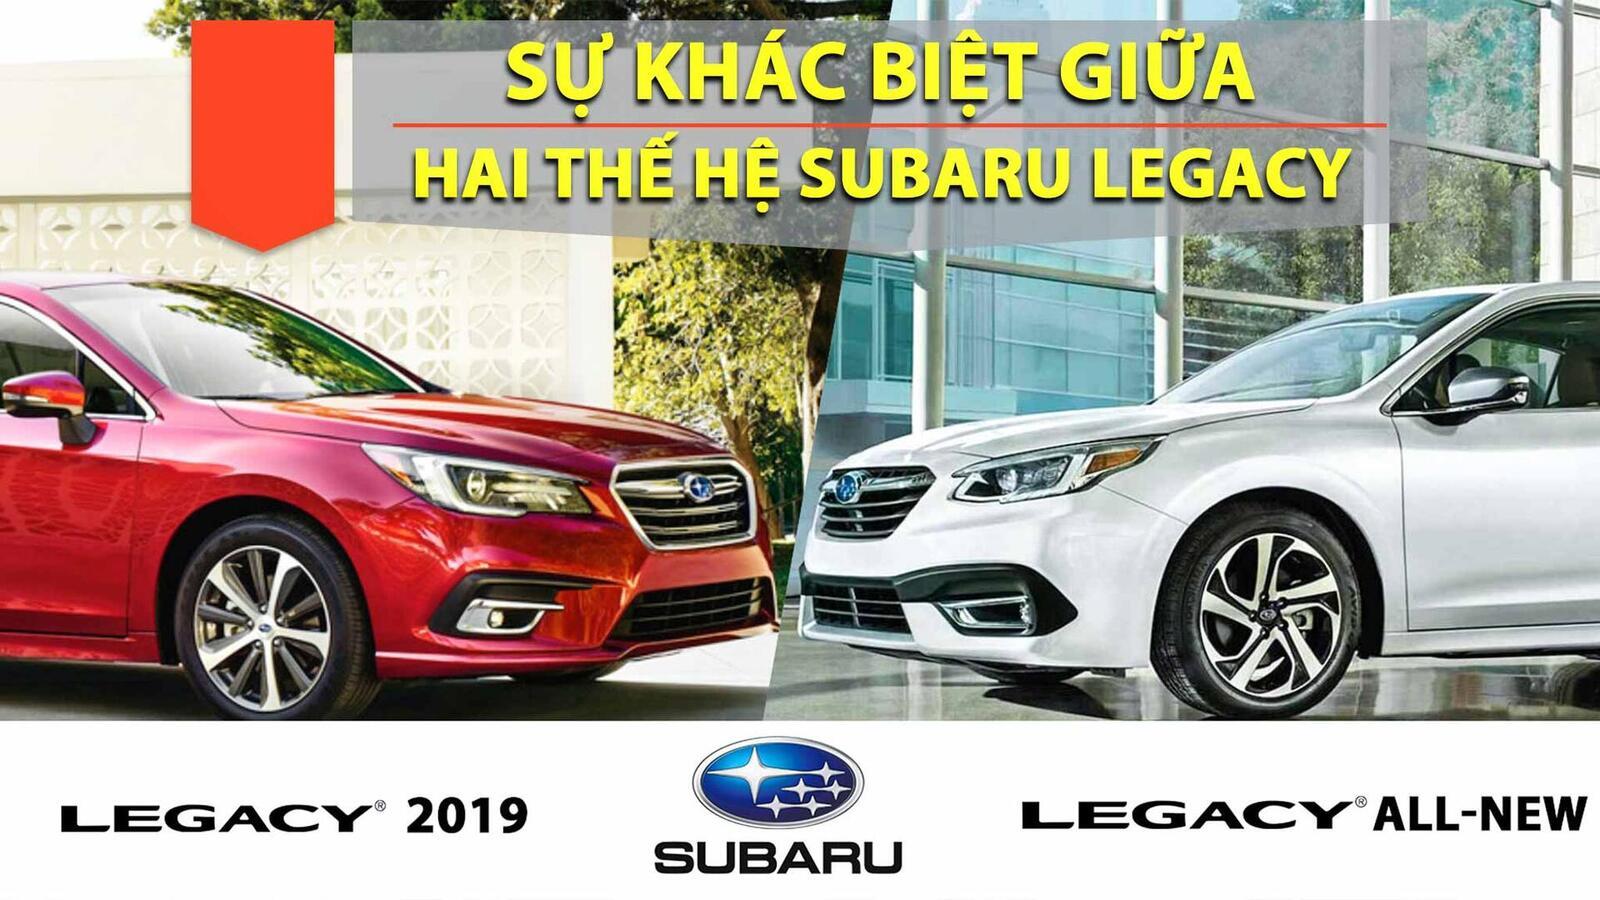 Sự khác biệt giữa Subaru Legacy thế hệ cũ và mới - Hình 1